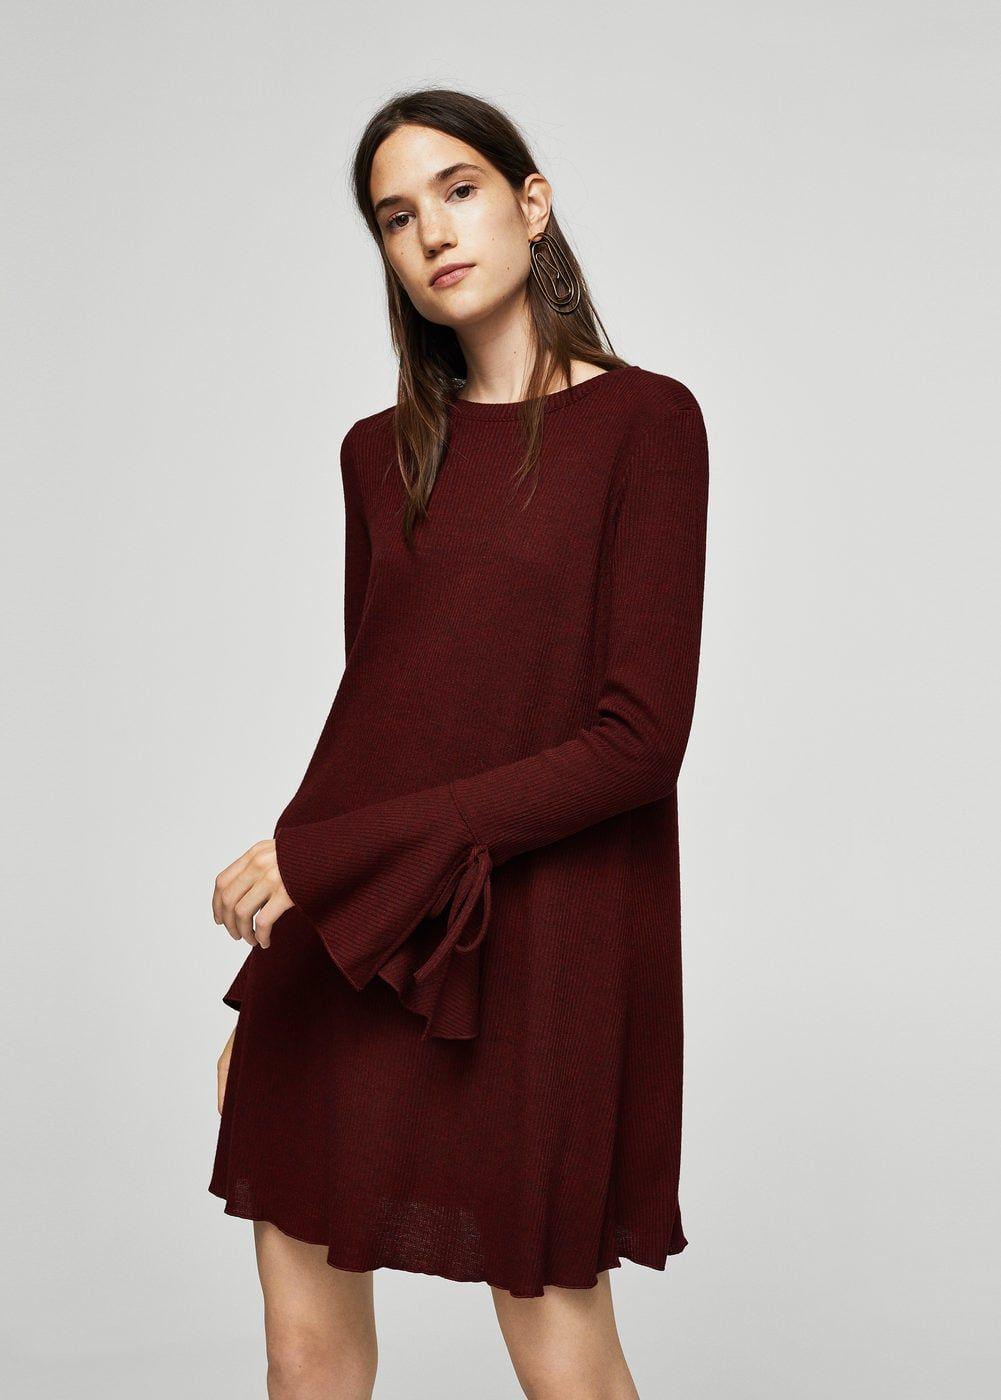 Kleid mit ärmel-detail - Damen   office summer clothes   Kleider ... bdd2fc2b20